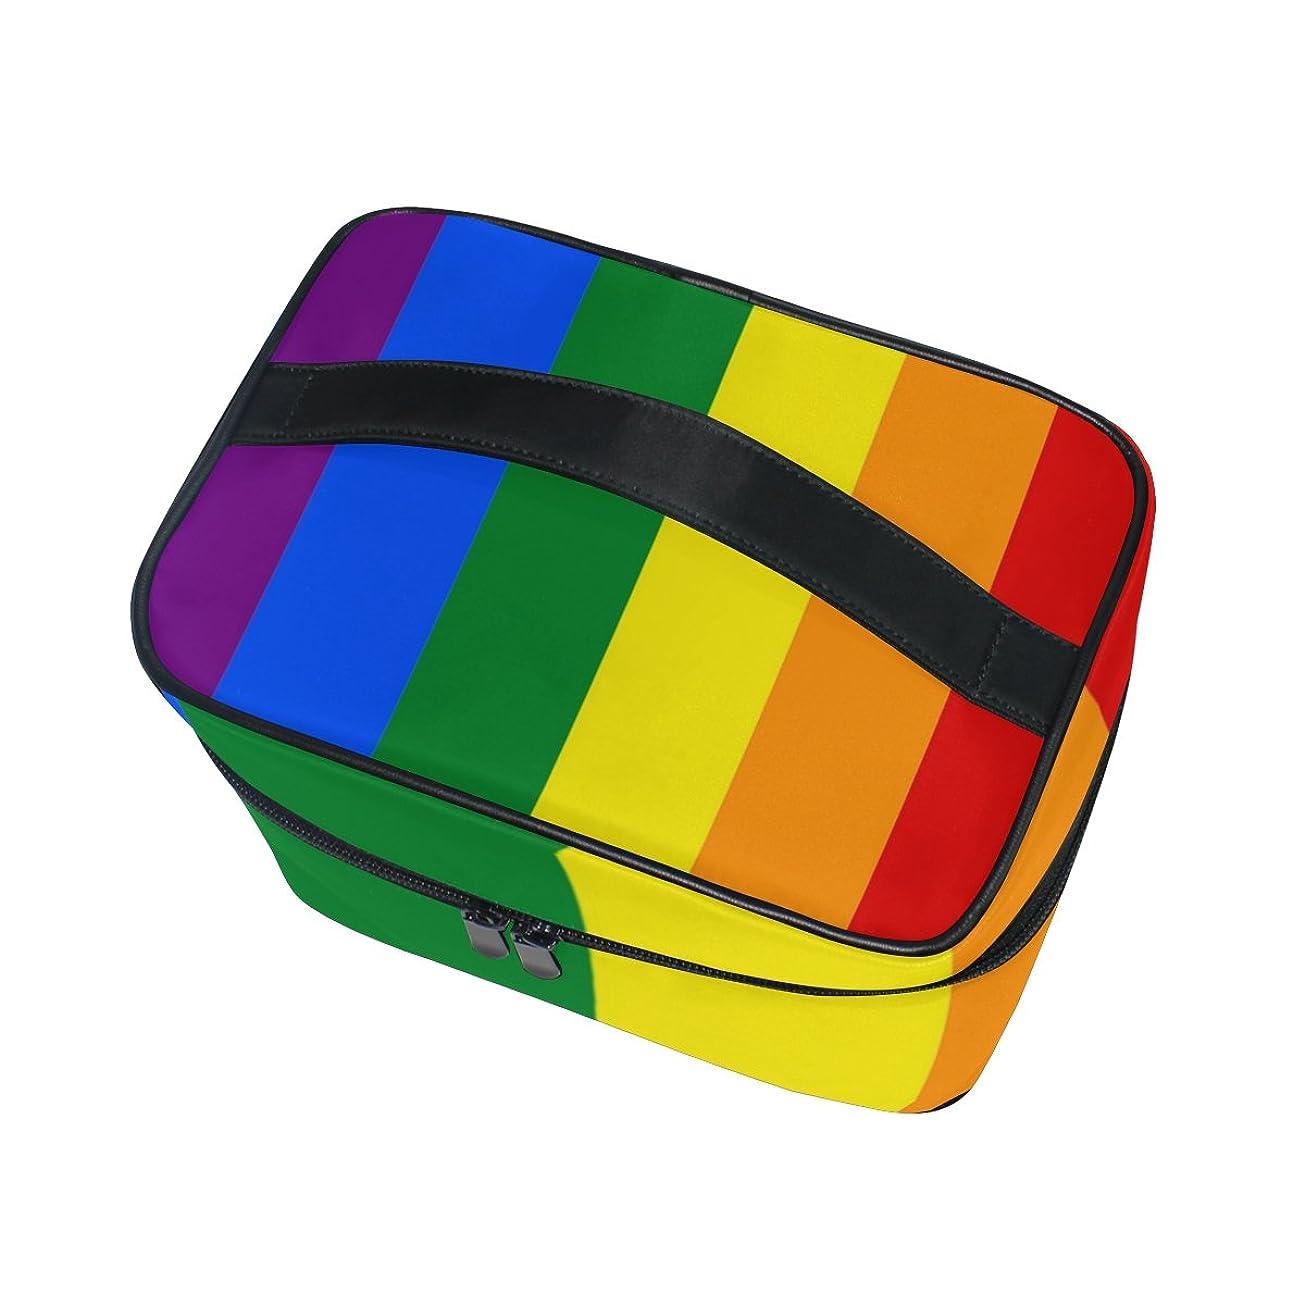 ブリークスクレーパー補うALAZA 化粧ポーチ ストライプ柄 縞模様 化粧 メイクボックス 収納用品 マルチ 大きめ かわいい